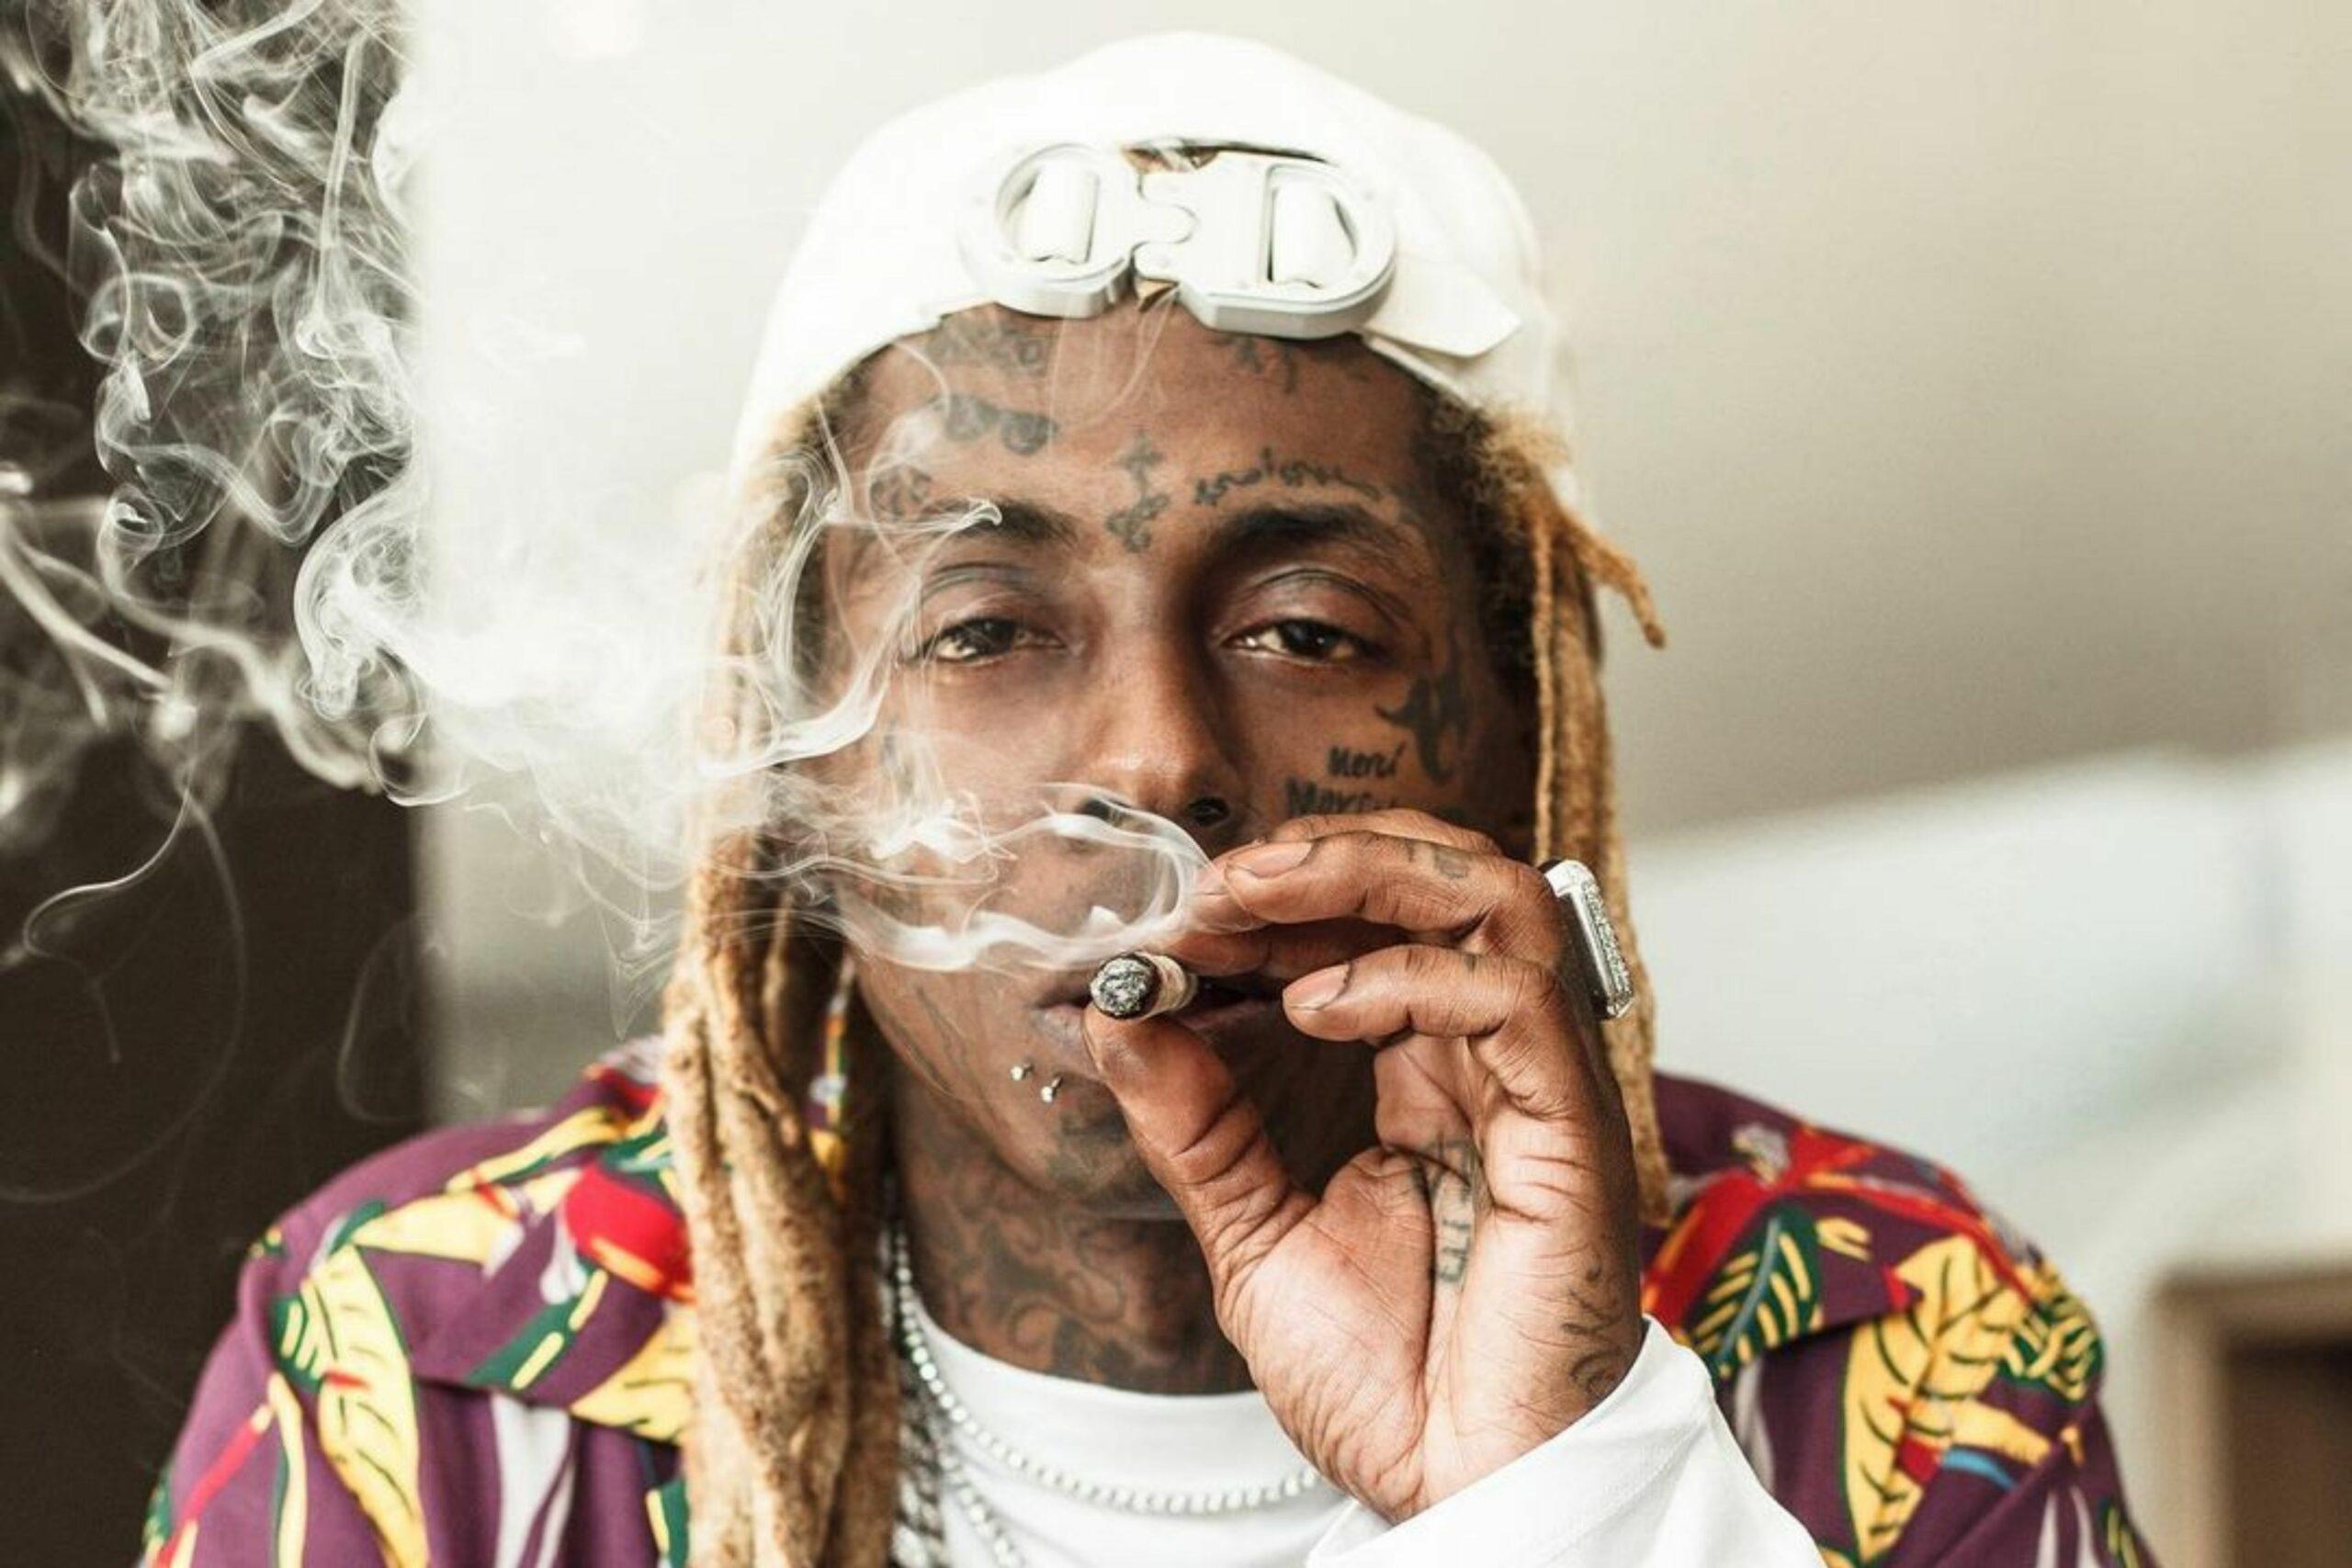 Trump a libéré Lil Wayne quelques jours avant que le rappeur ne soit emprisonné.